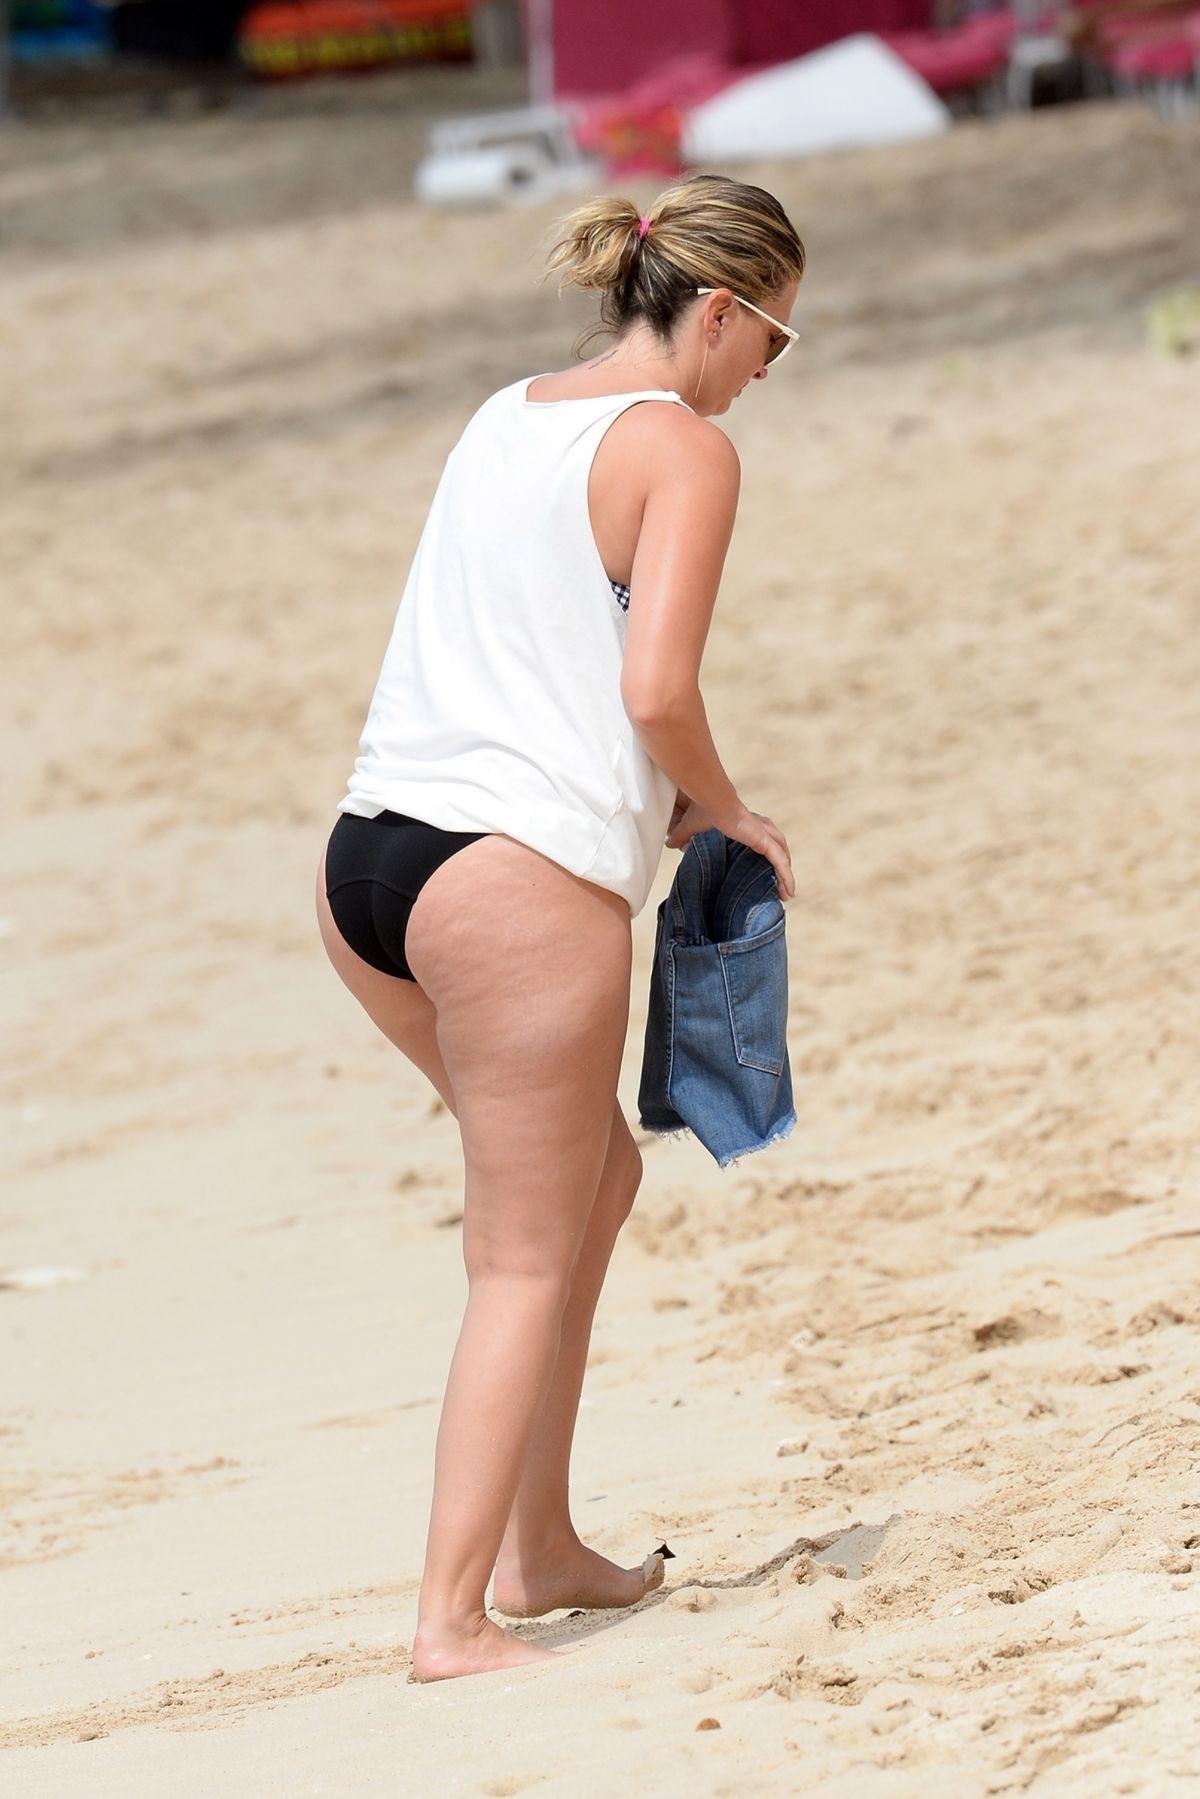 Shauna sand tits